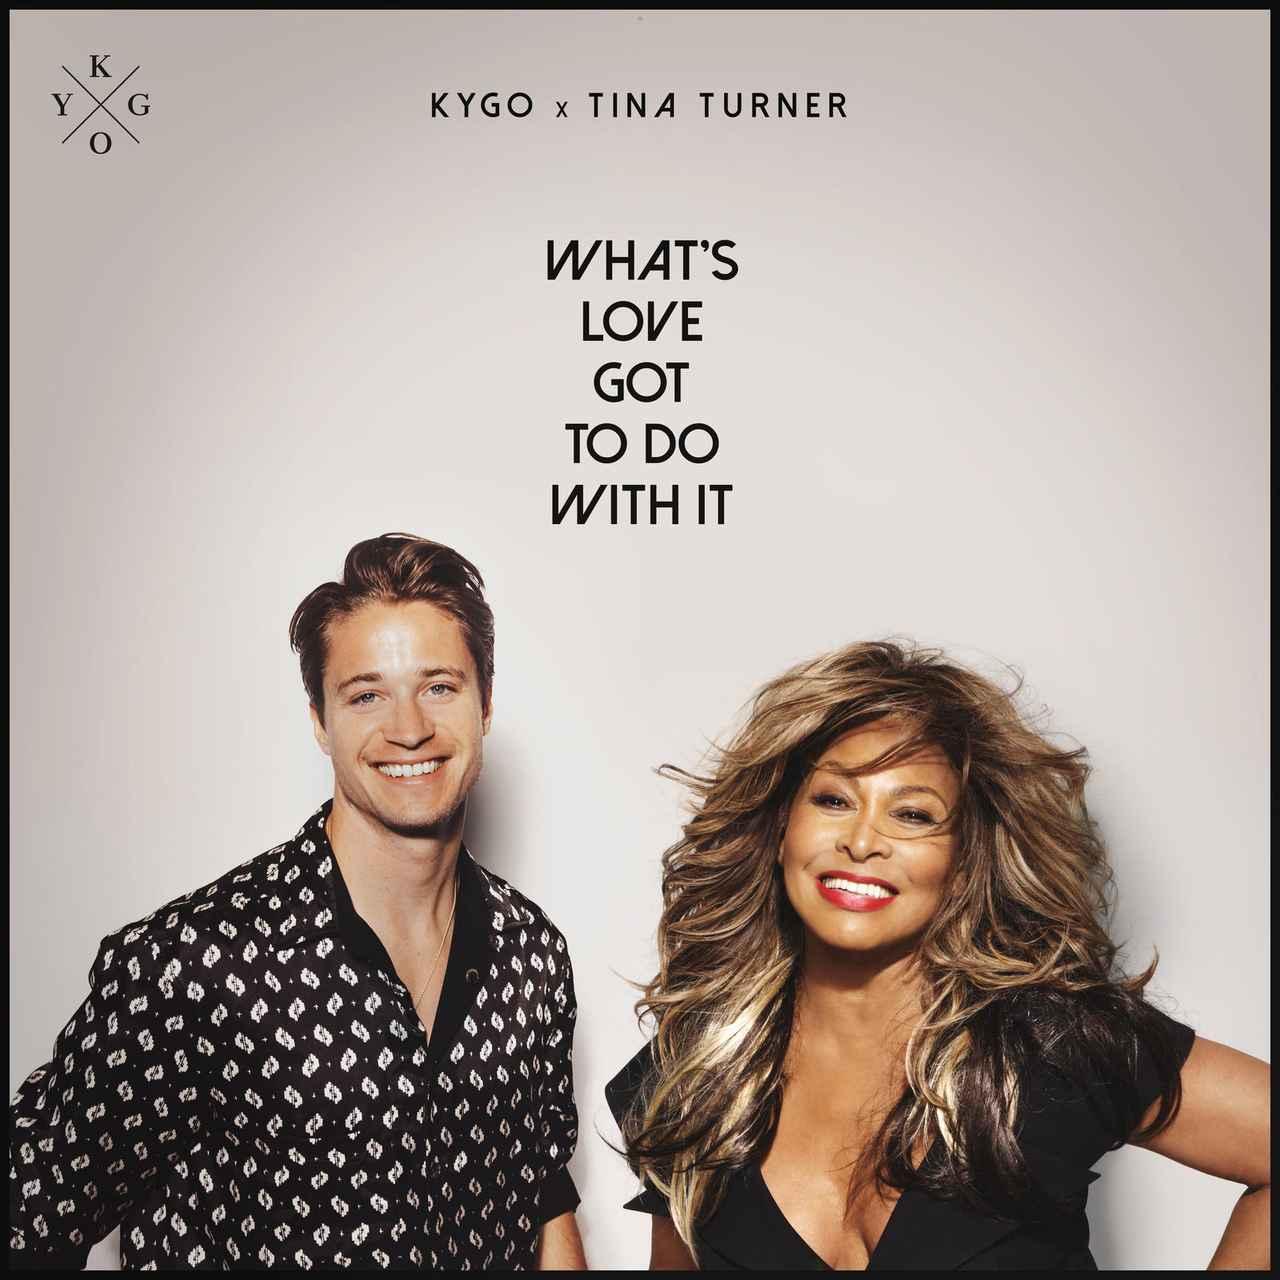 画像: カイゴとティナ・ターナーがコラボ